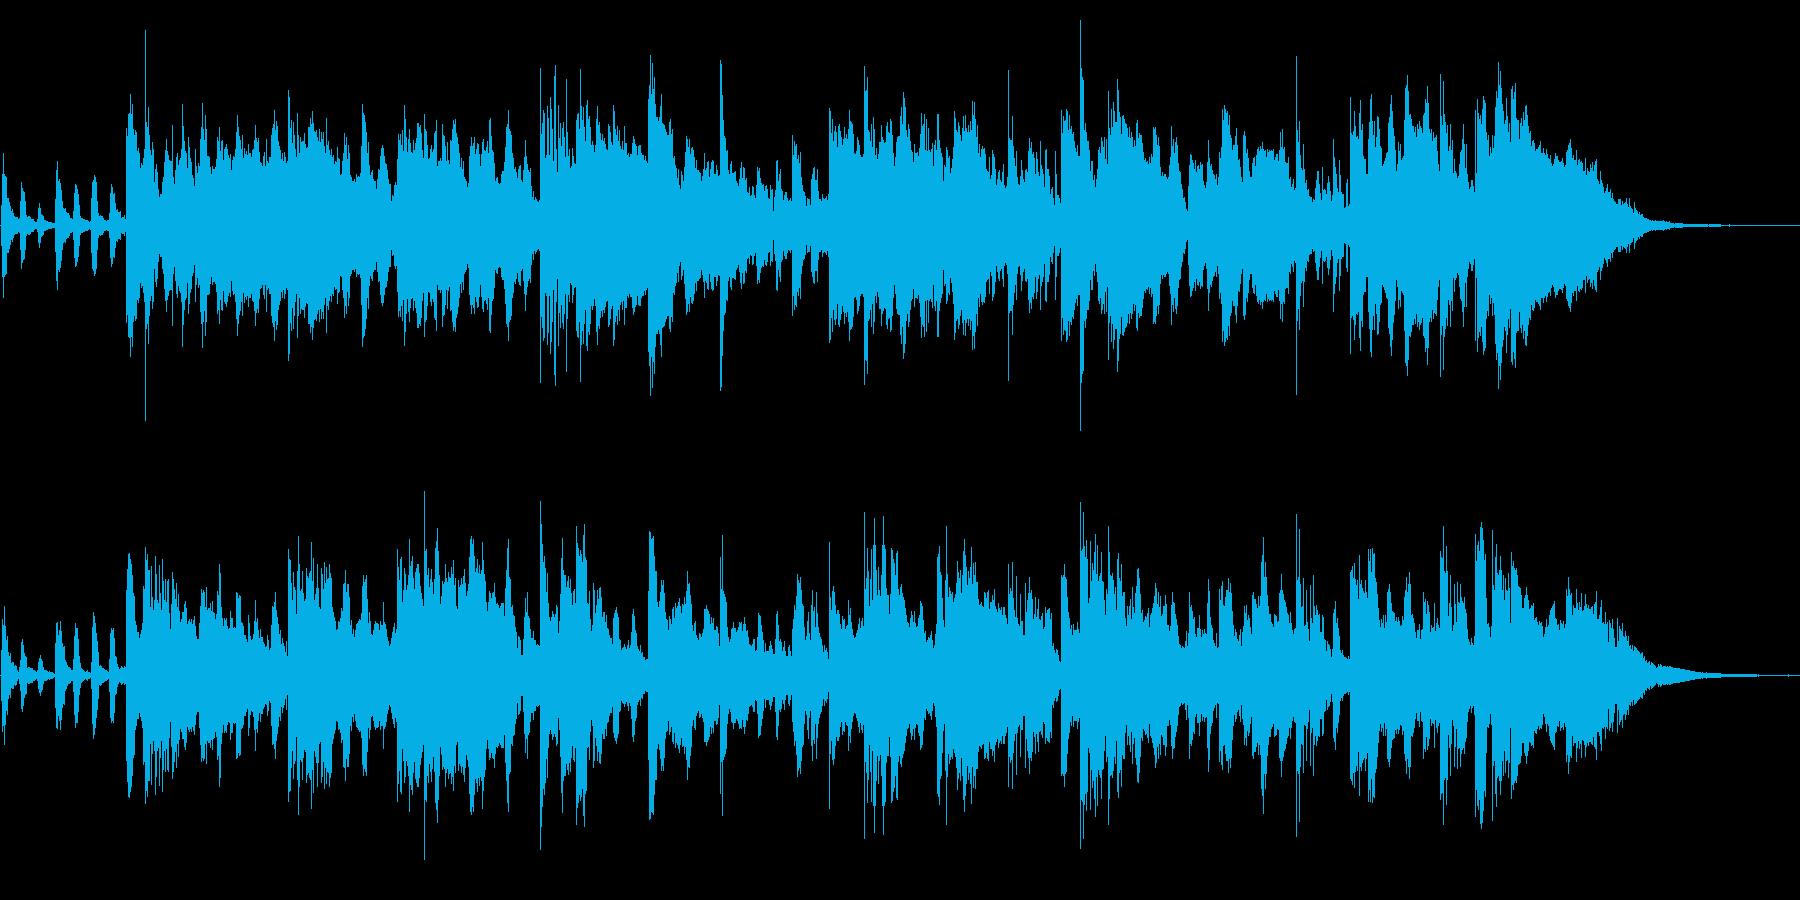 不安をかき立てる不気味な曲の再生済みの波形